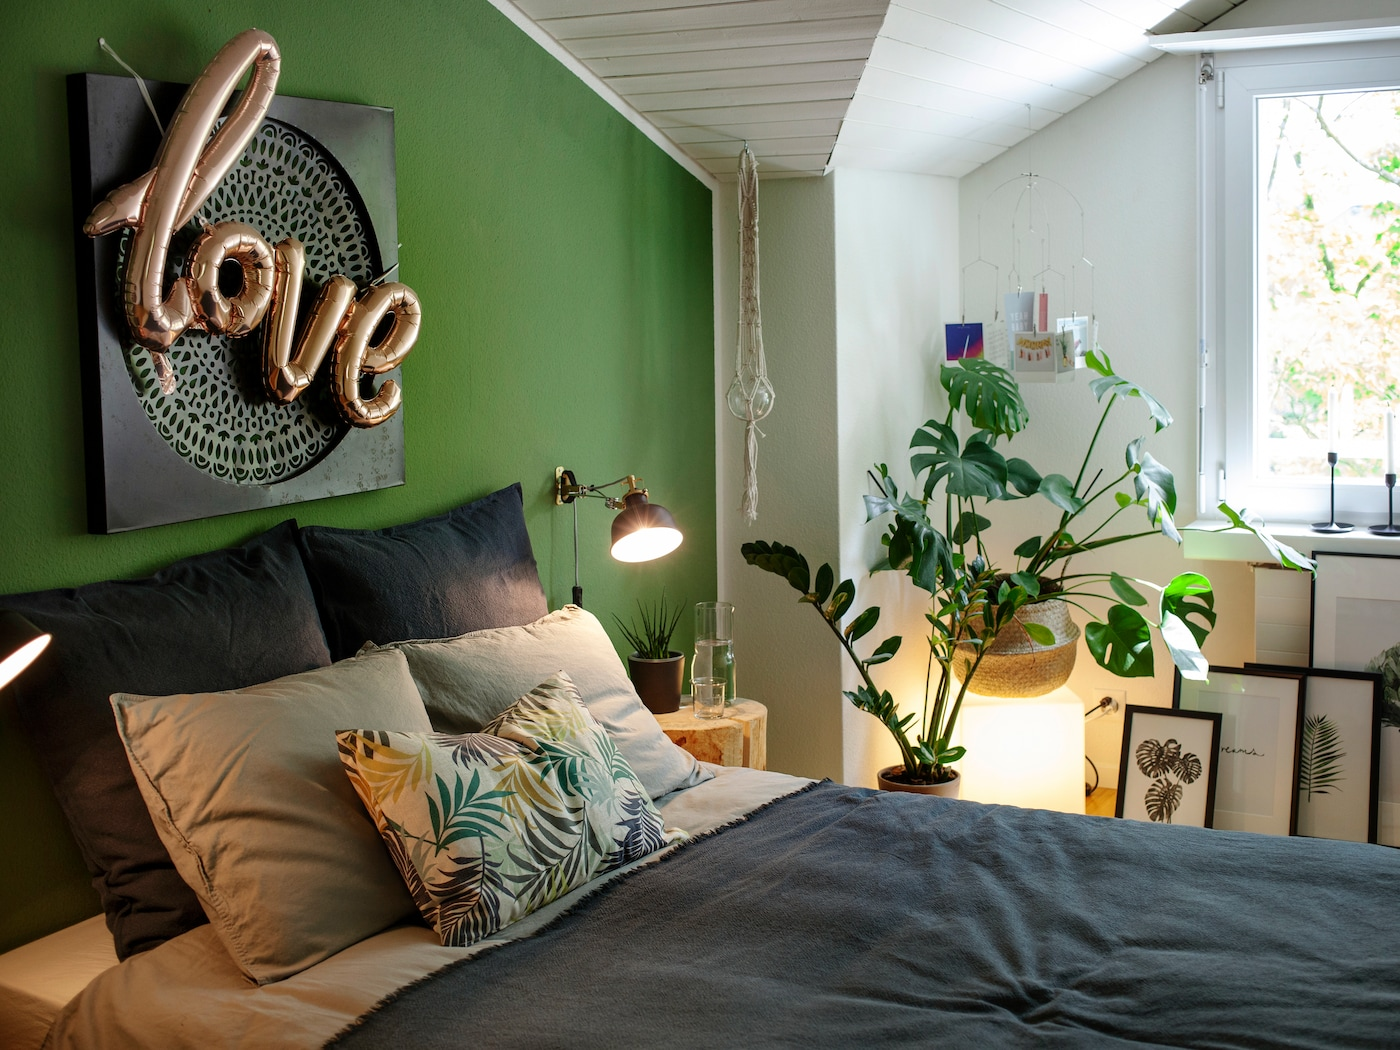 IKEA RANARP Lampen machen das Schlafzimmer gemütlich.